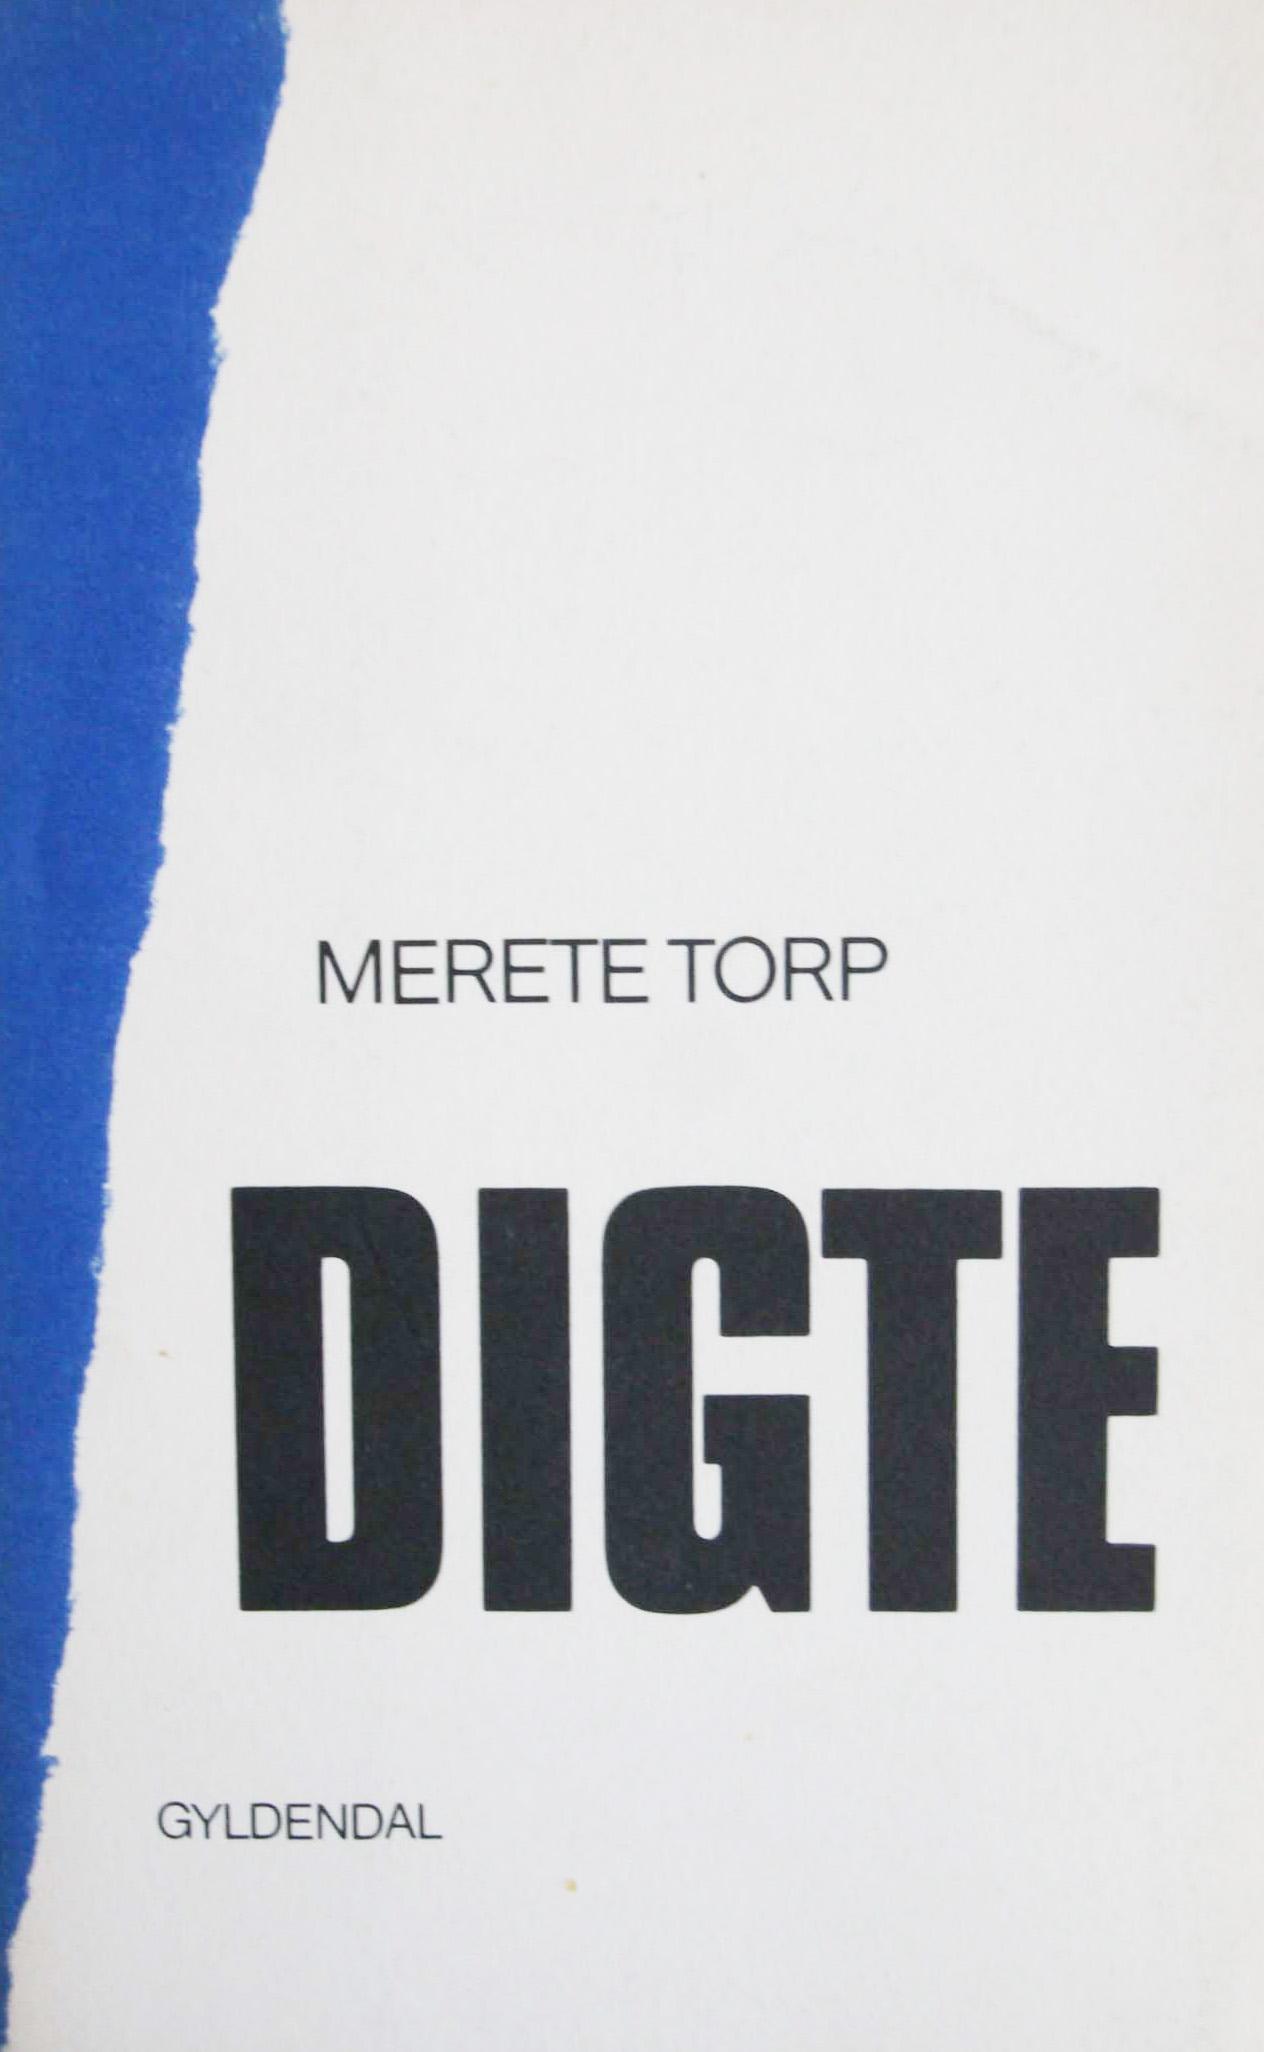 merete torp digte første udgave